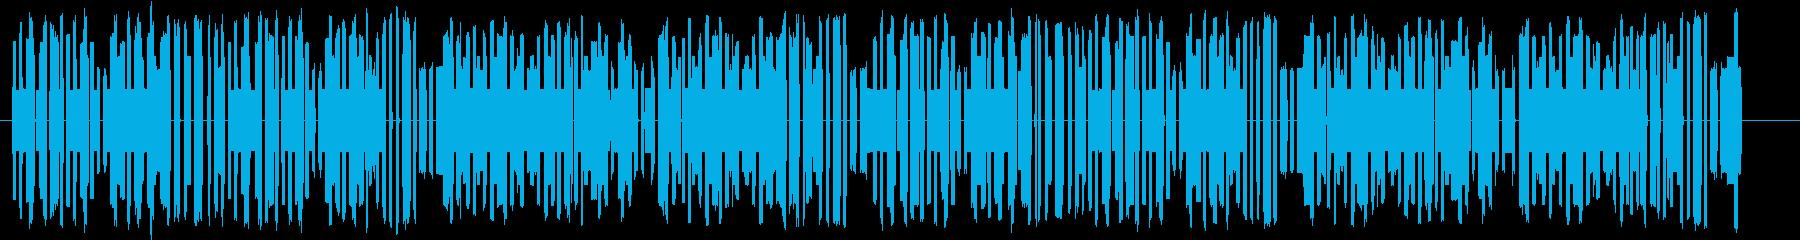 明るく楽しい8bitサンバの再生済みの波形